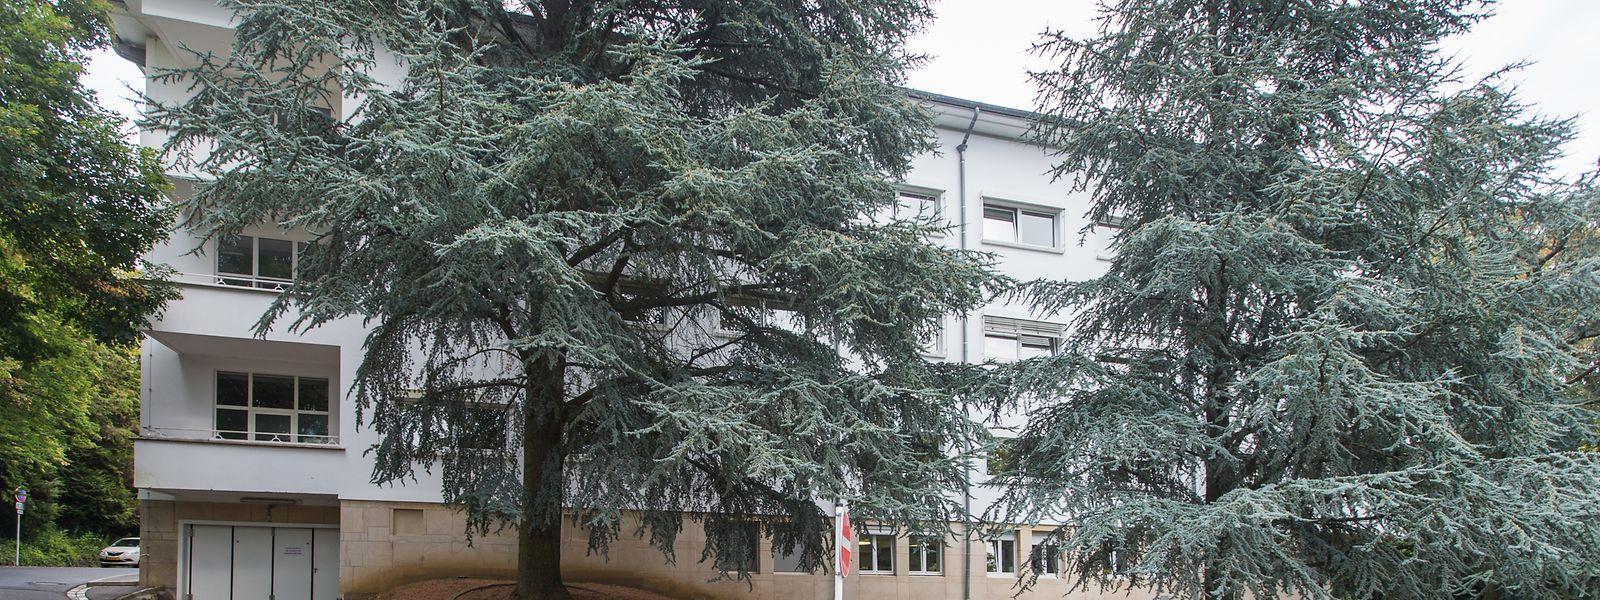 Derzeit befinden sich im Düdelinger Spidol die Geriatrieabteilung des CHEM sowie eine Poliklinik. Letztere will der Düdelinger Schöffenrat erhalten. Dort, wo jetzt das Hospital steht, könnte ein Neubau mit Poliklinik und einem Heim für Demenzkranke entstehen.